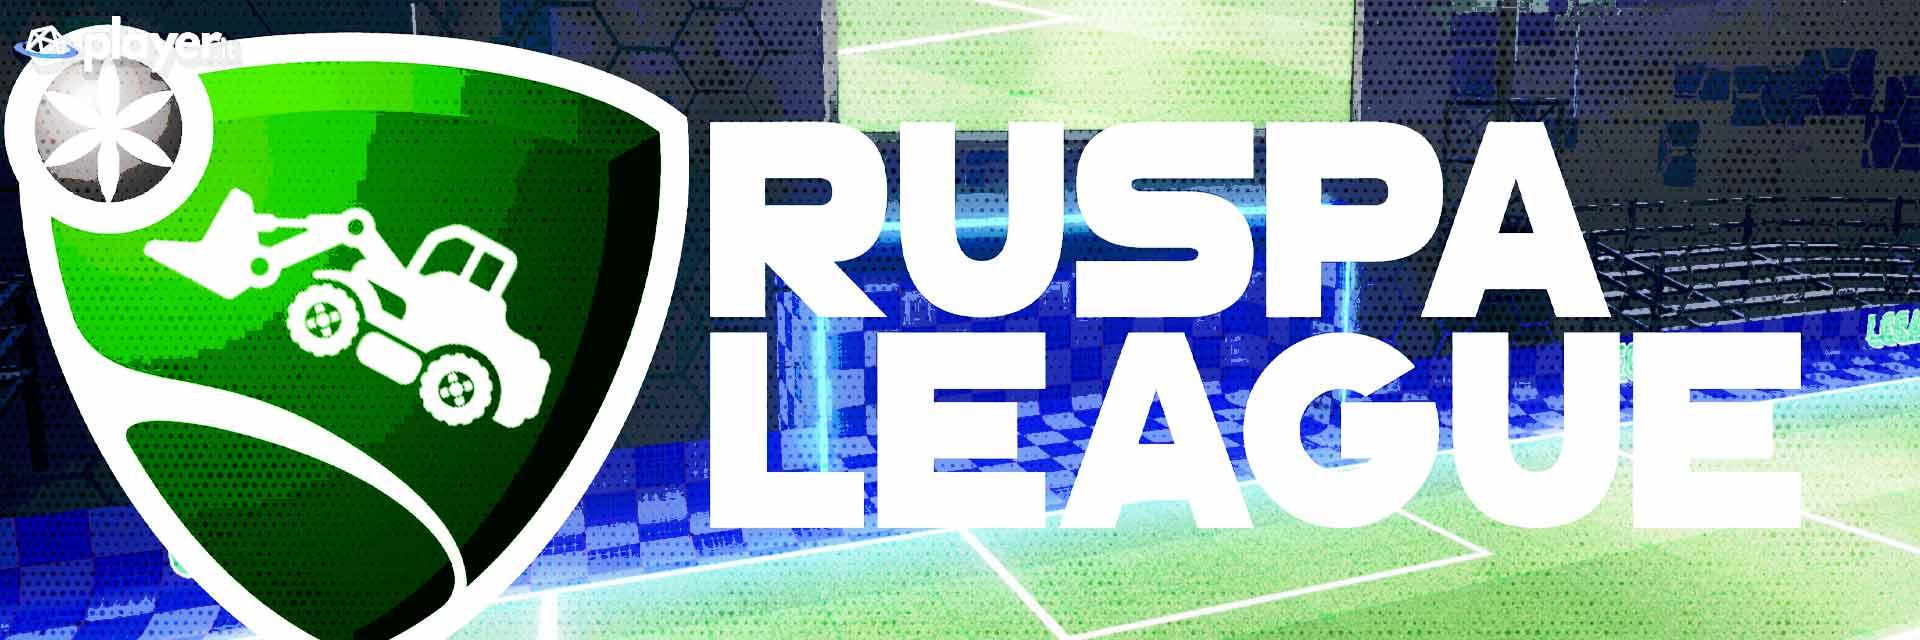 ruspa league wallpaper in hd